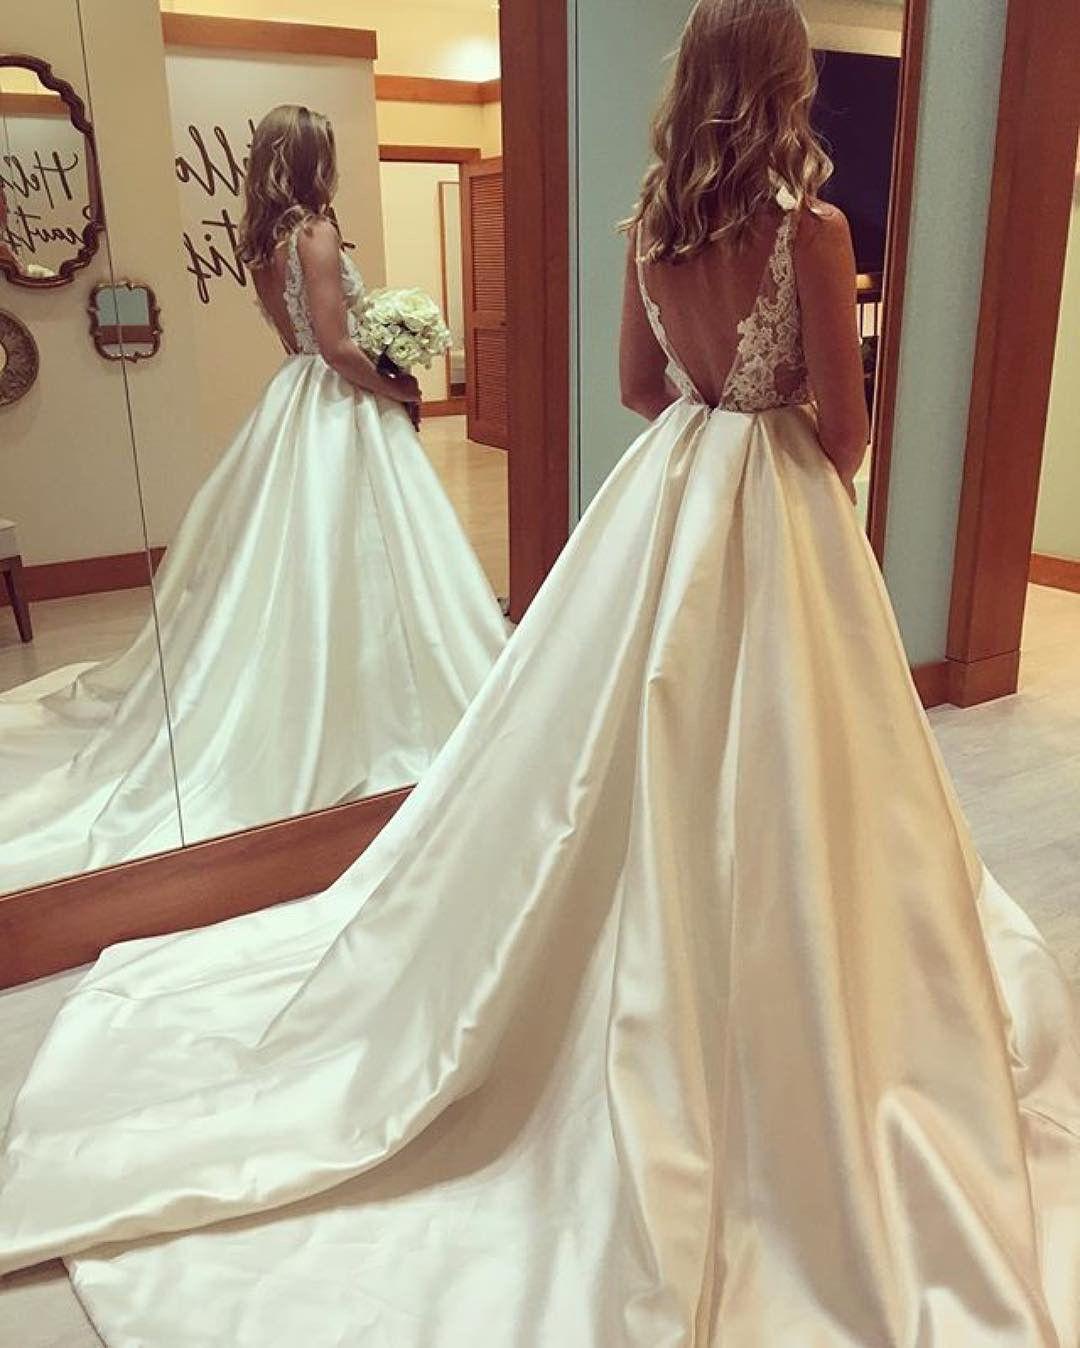 Lace wedding dress open back say yes dress  Wedding Dresses Wedding GownPrincess Wedding Dresses elegant lace